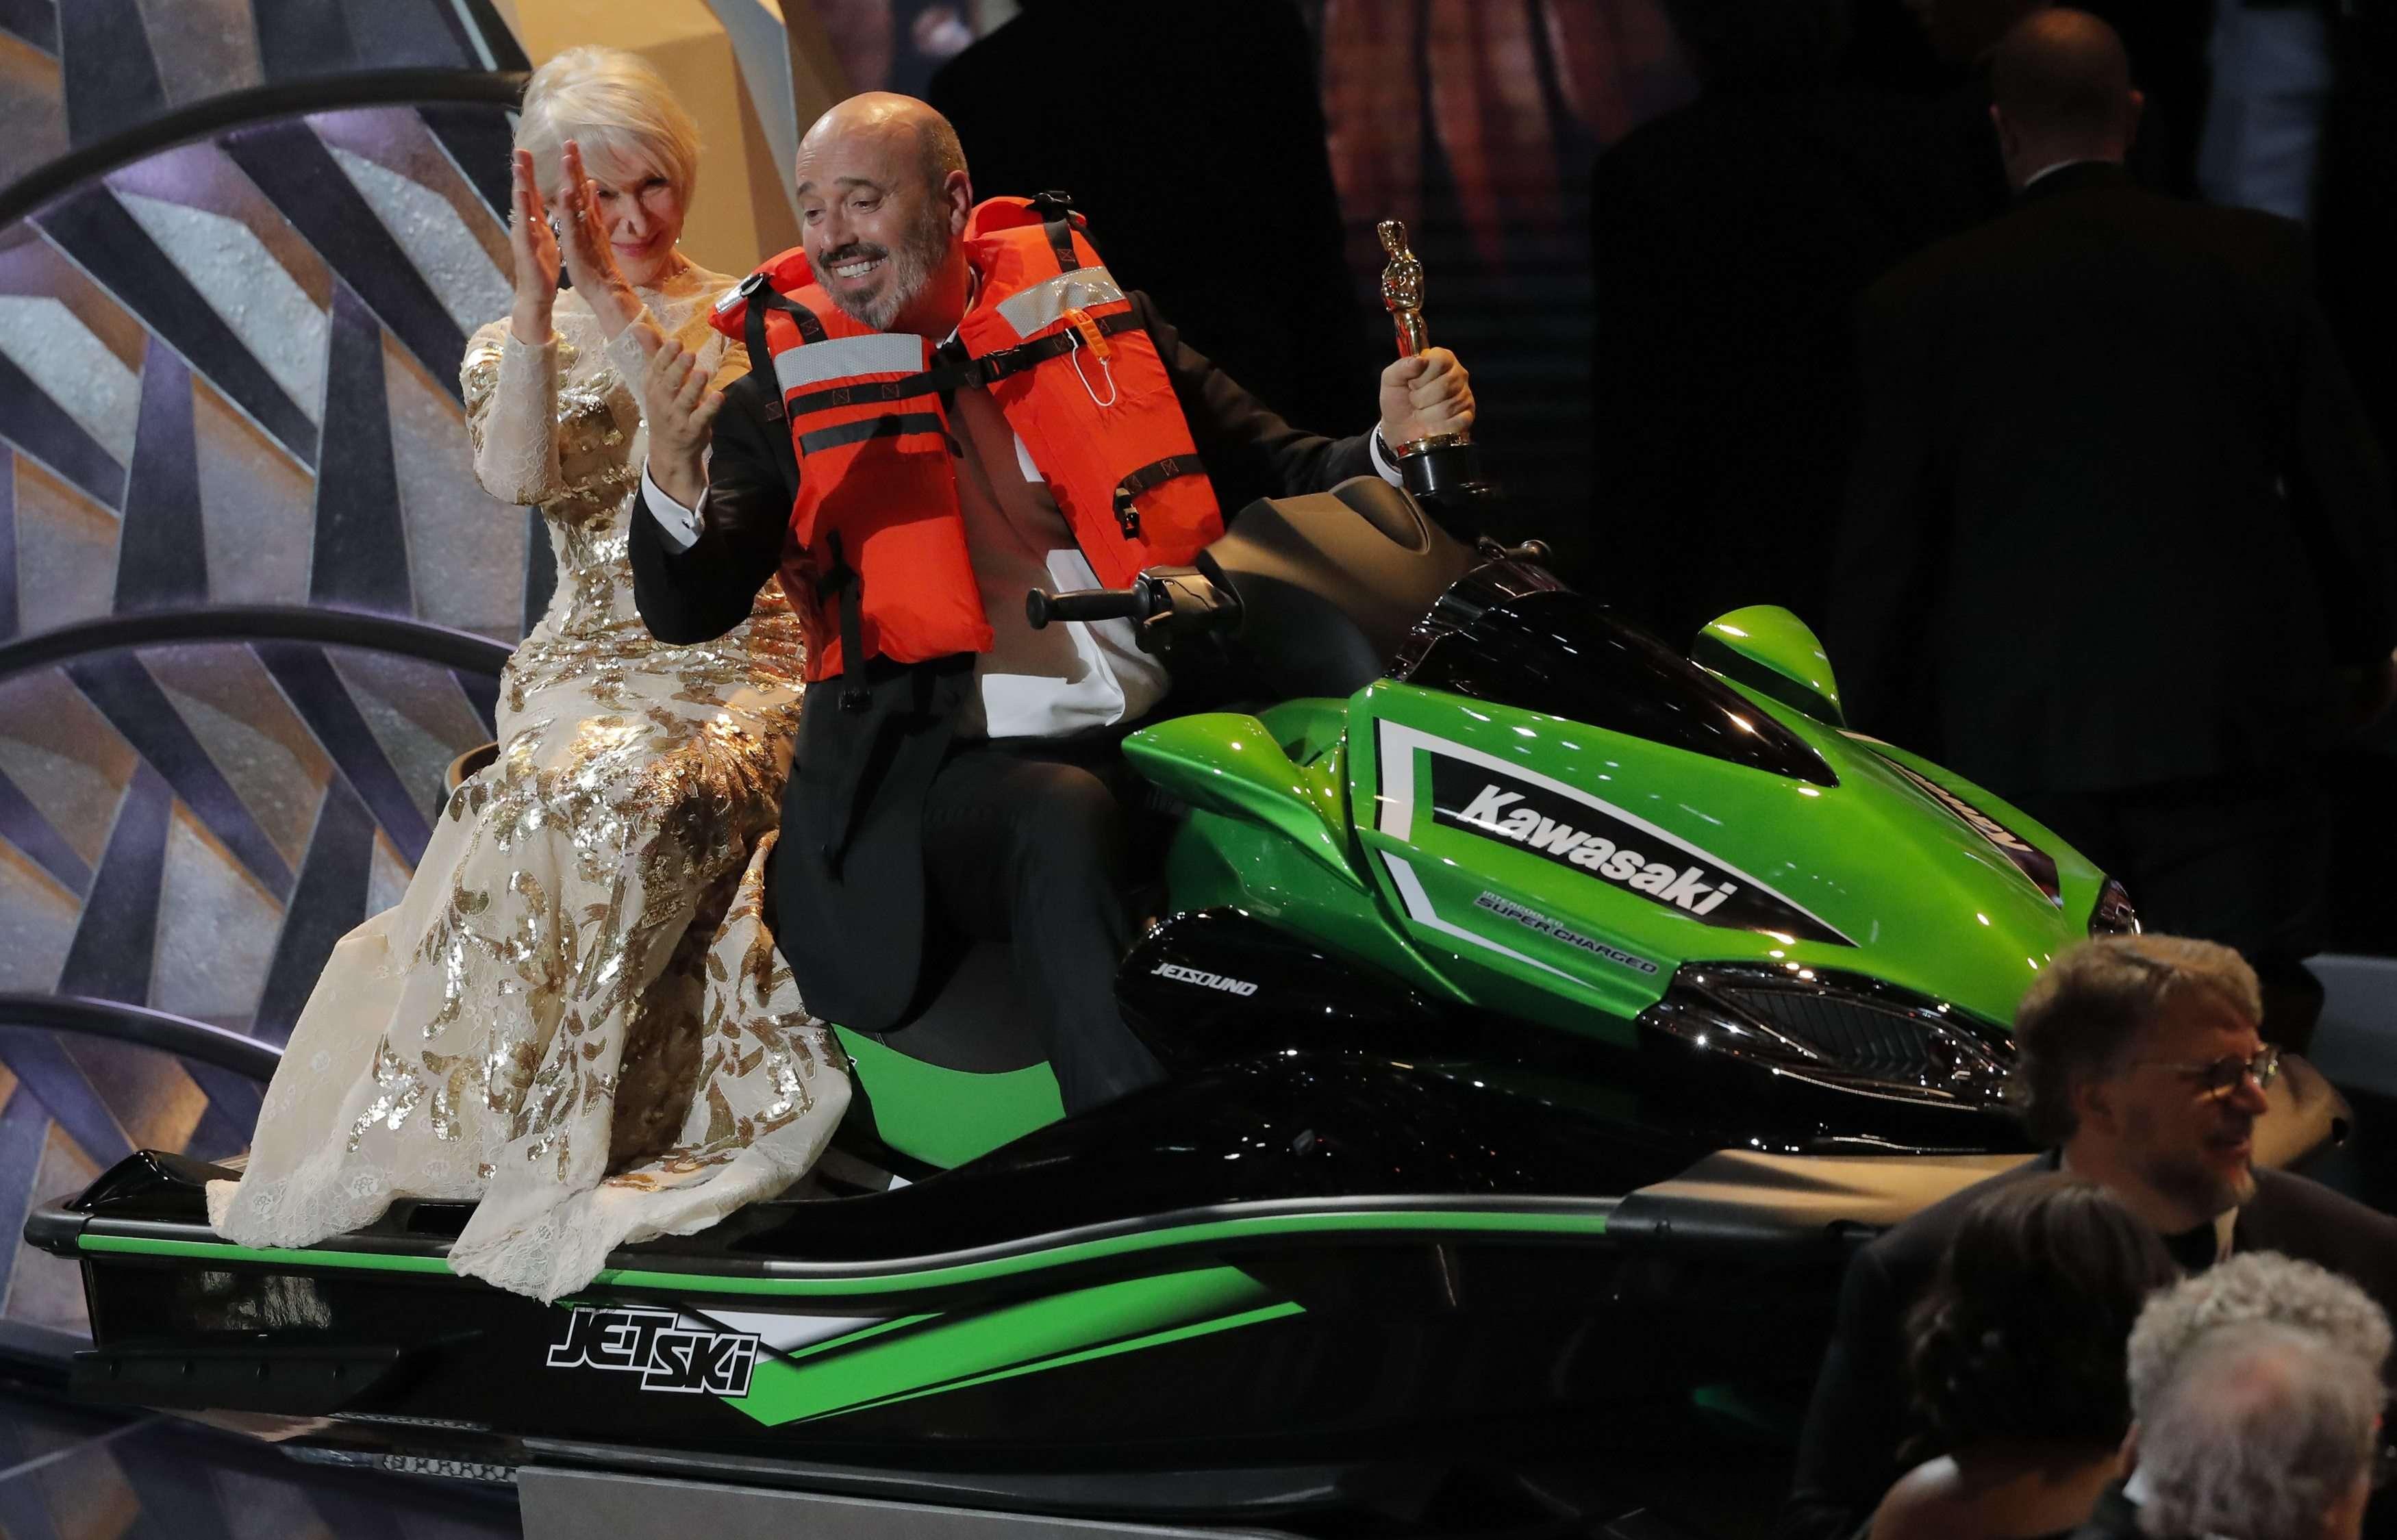 Le suspense était insoutenable : c'est finalement Mark Bridges, créateur de costumes récompensé, qui remporte le jet ski mis en jeu par Jimmy Fallon. Comment ? Il a prononcé le discours le plus court de la cérémonie.